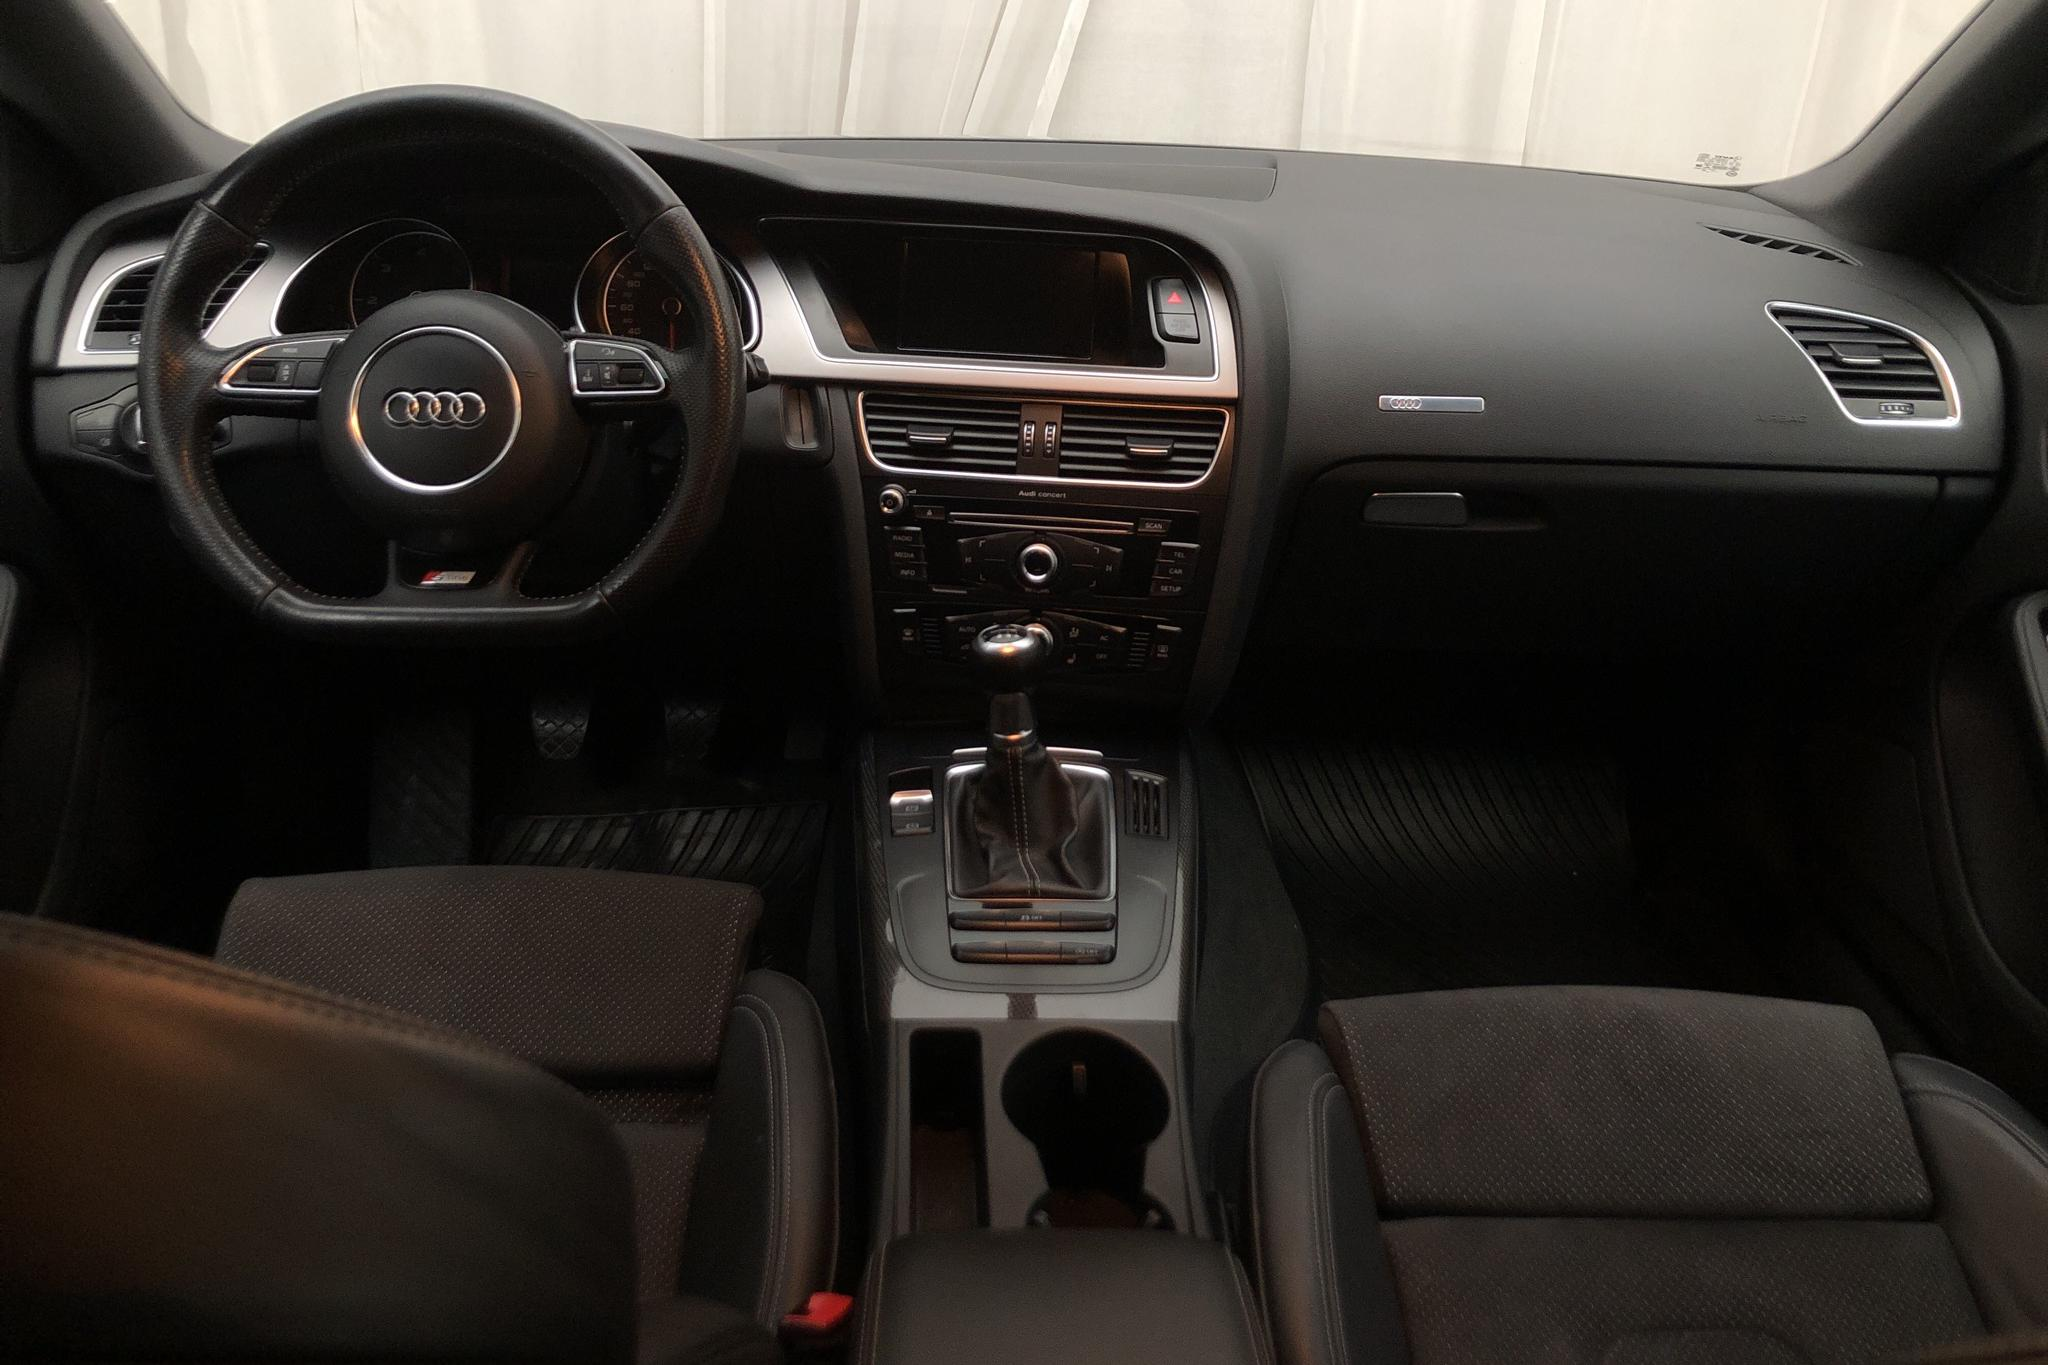 Audi A5 3.0 TDI Sportback (204hk) - 10 362 mil - Manuell - 2013